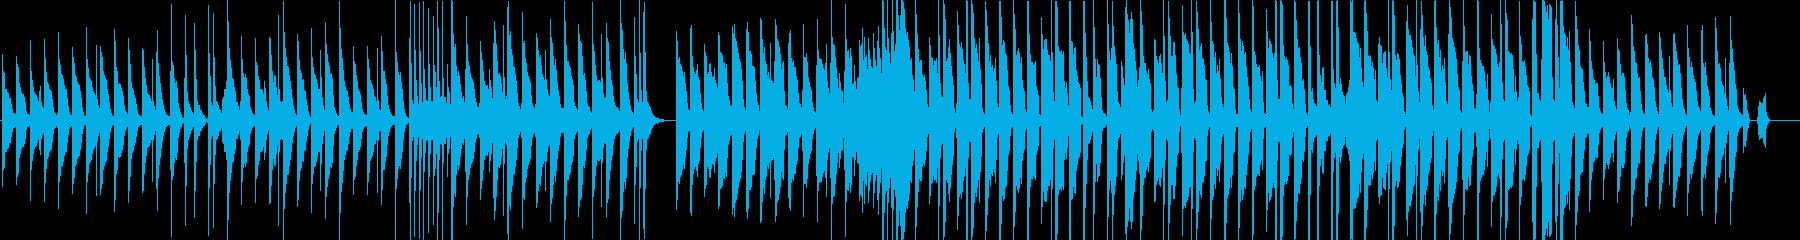 子供、ほのぼの、明るくがテーマの曲の再生済みの波形